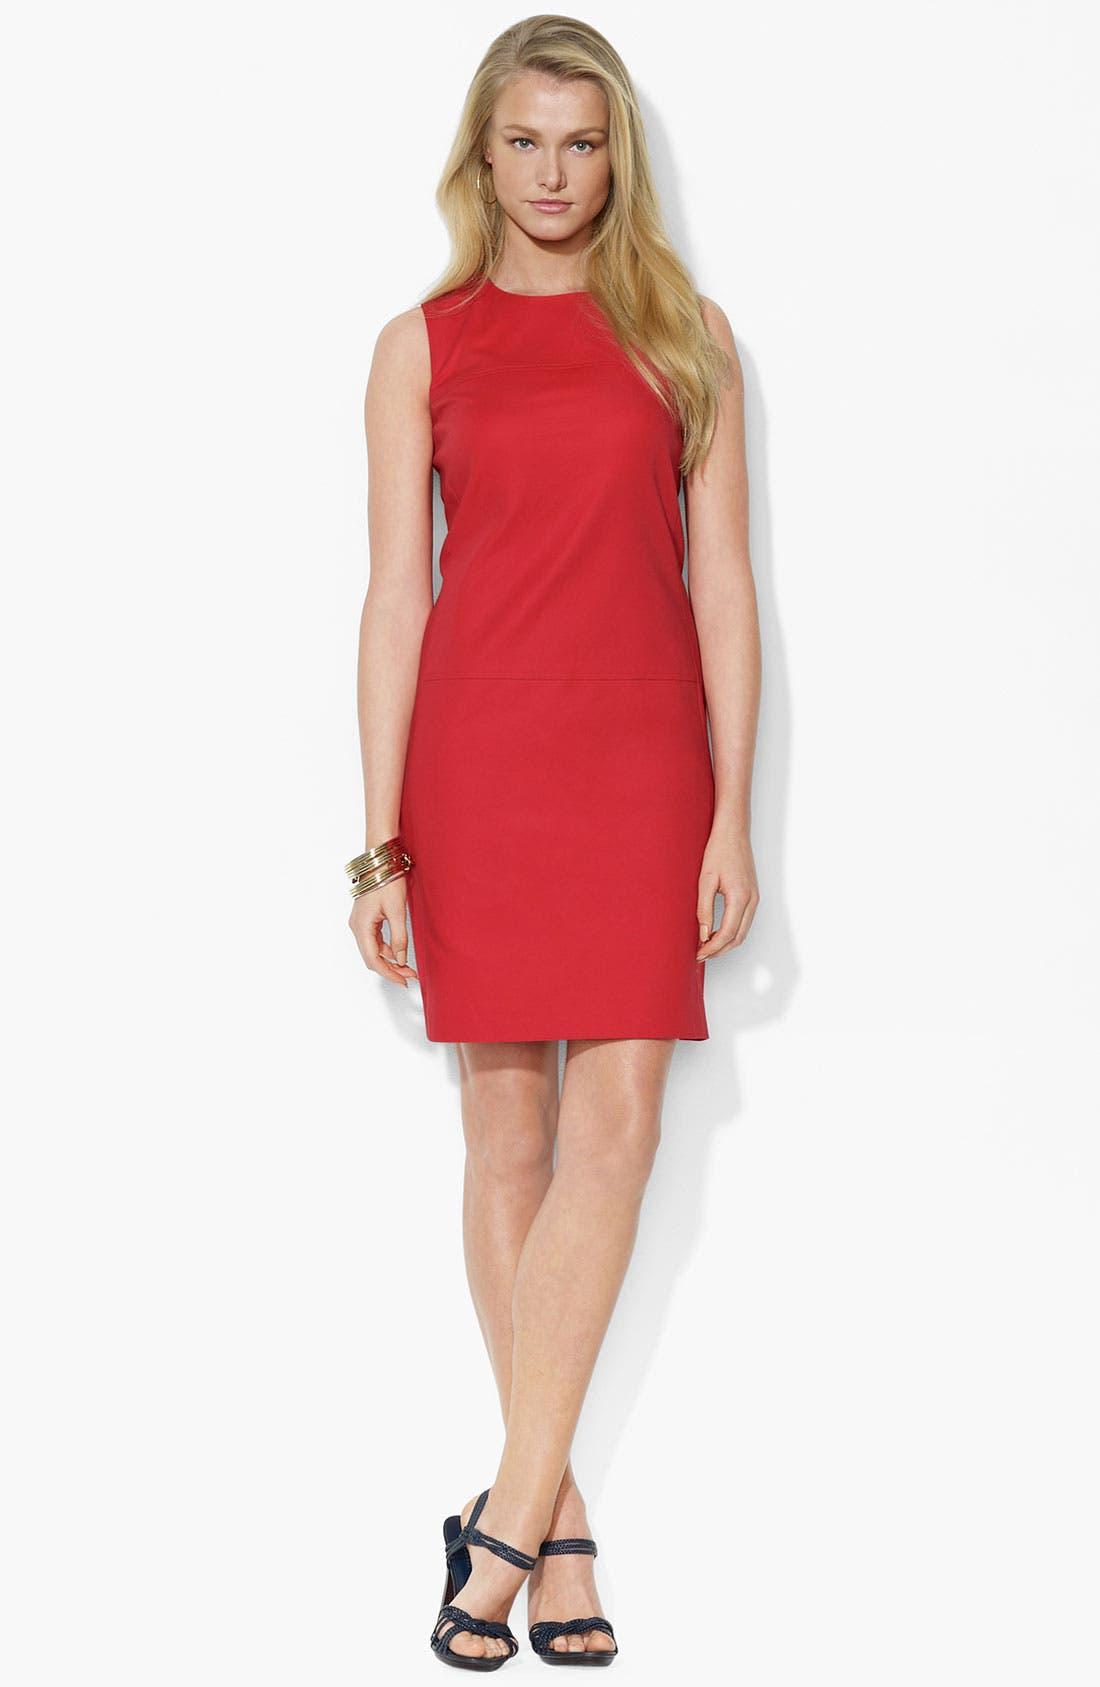 Alternate Image 1 Selected - Lauren Ralph Lauren Crewneck Shift Dress (Petite) (Online Only)